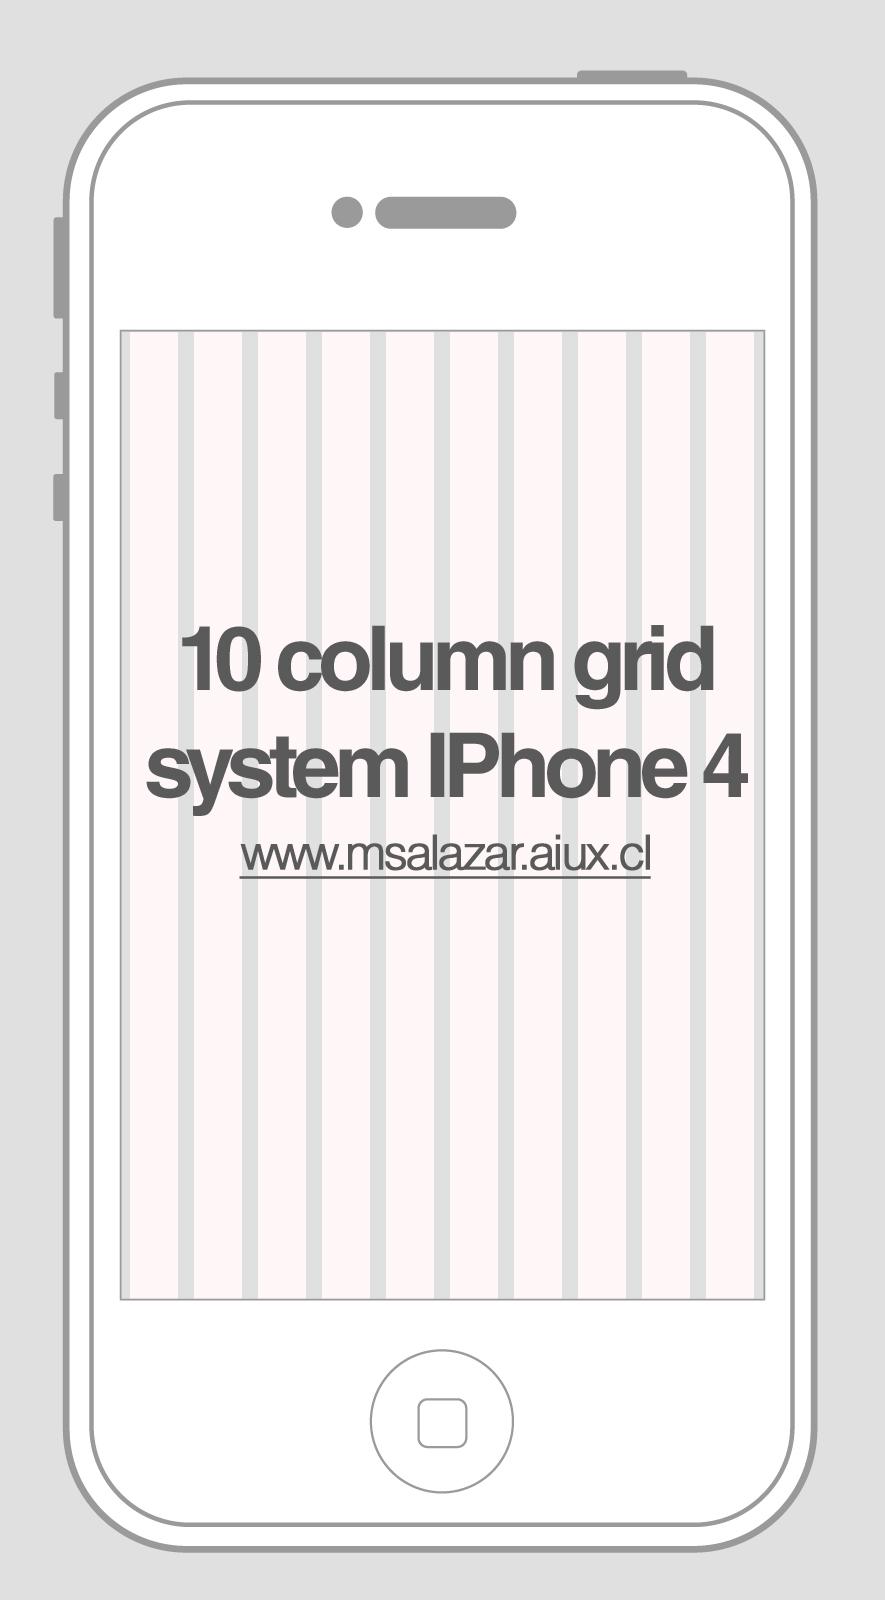 Grilla IPhone 4 copia